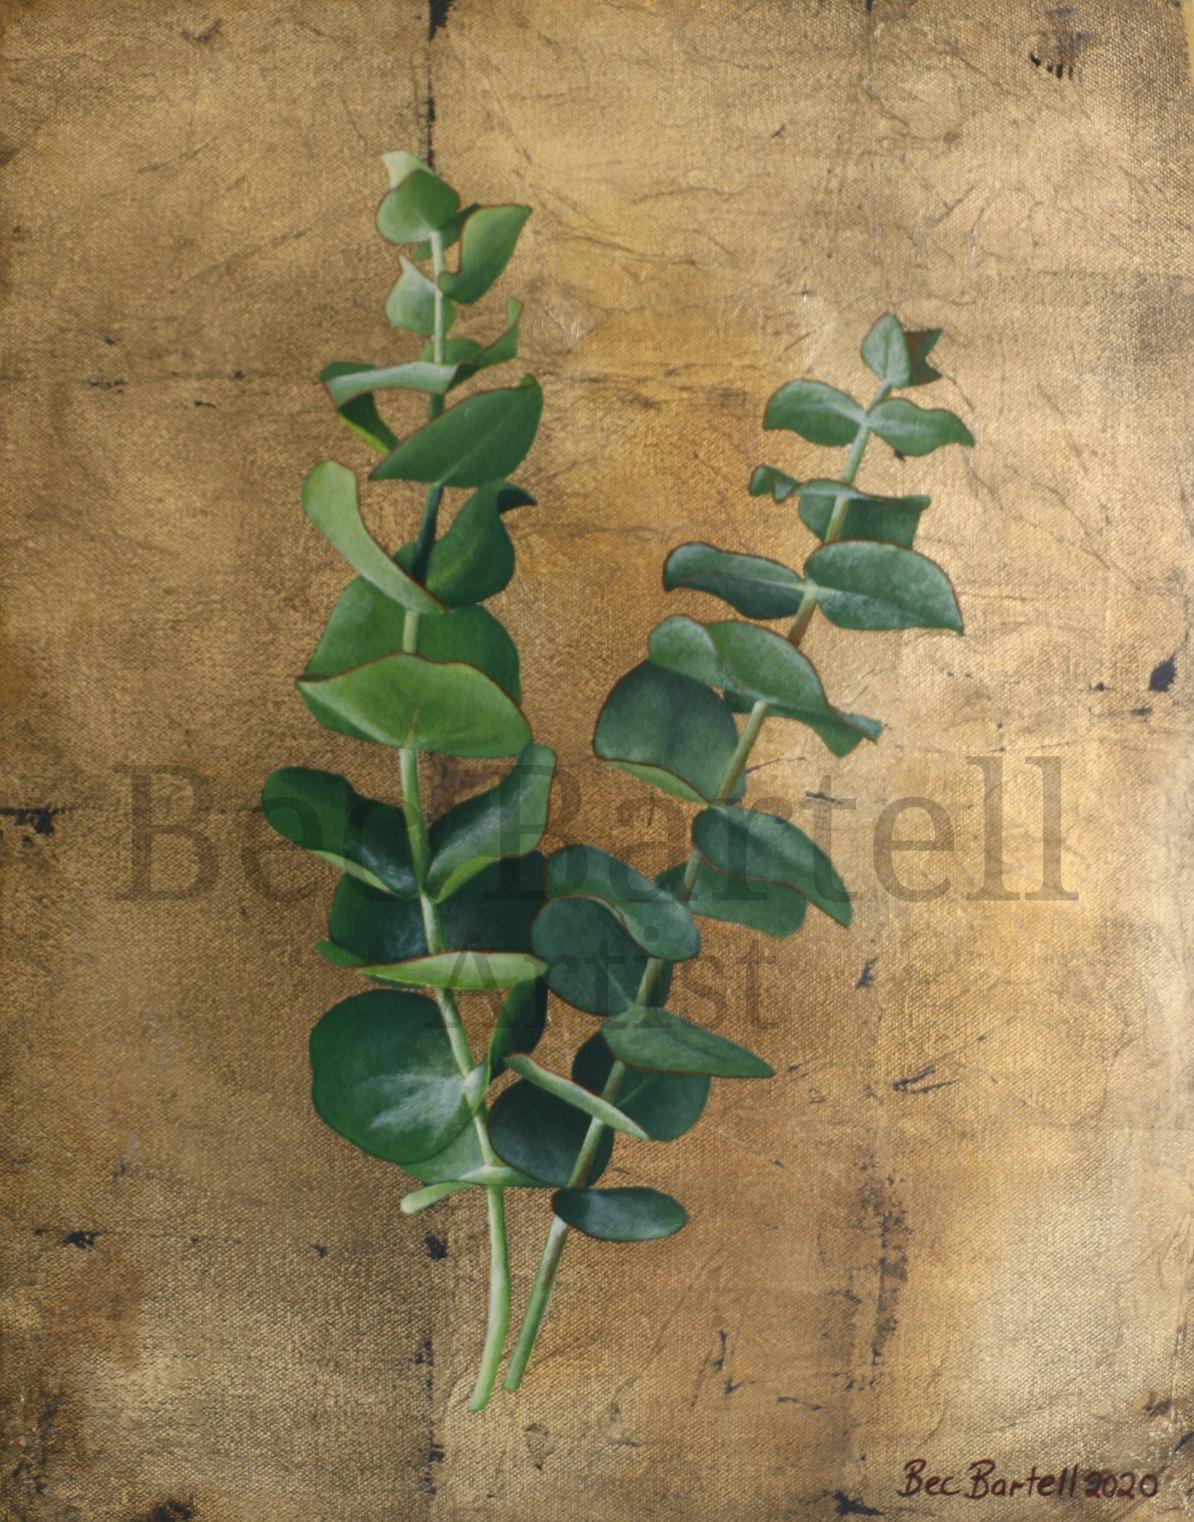 Eucalyptus Sprig No 1